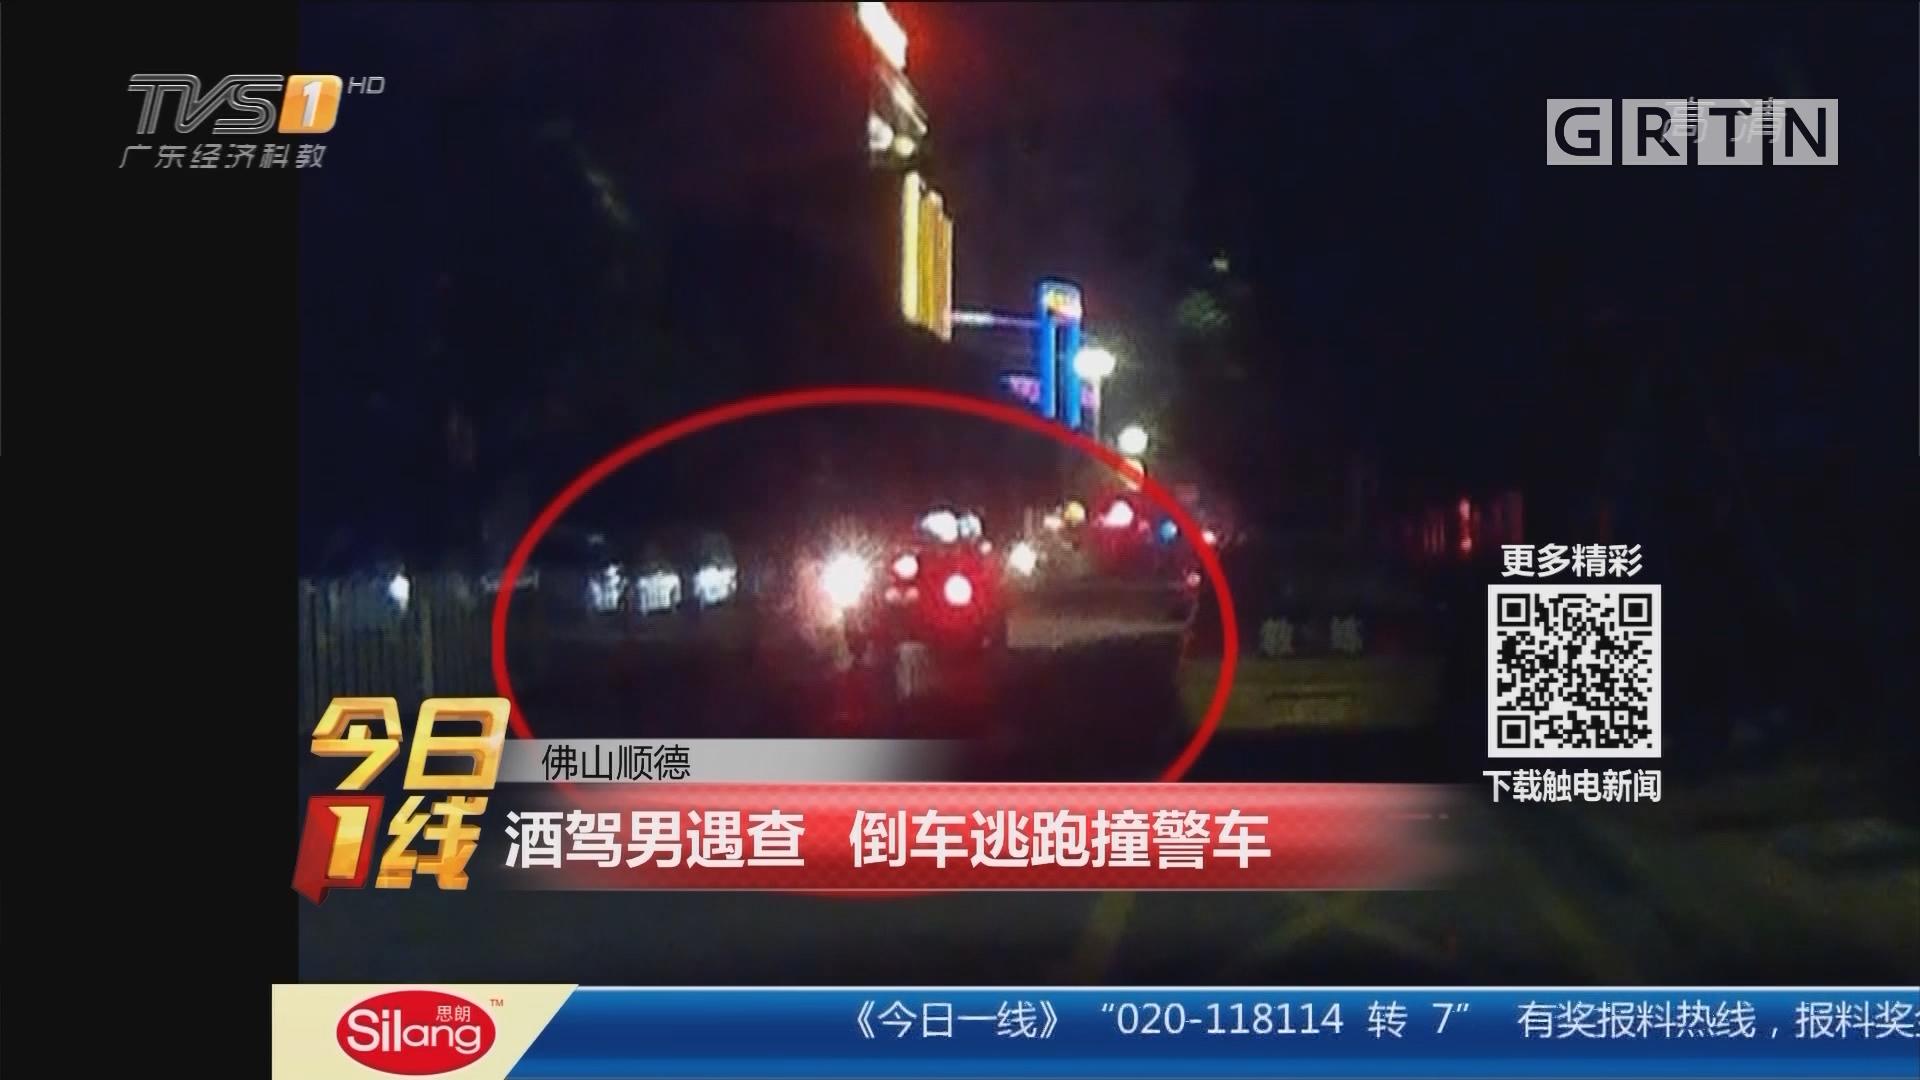 佛山顺德:酒驾男遇查 倒车逃跑撞警车